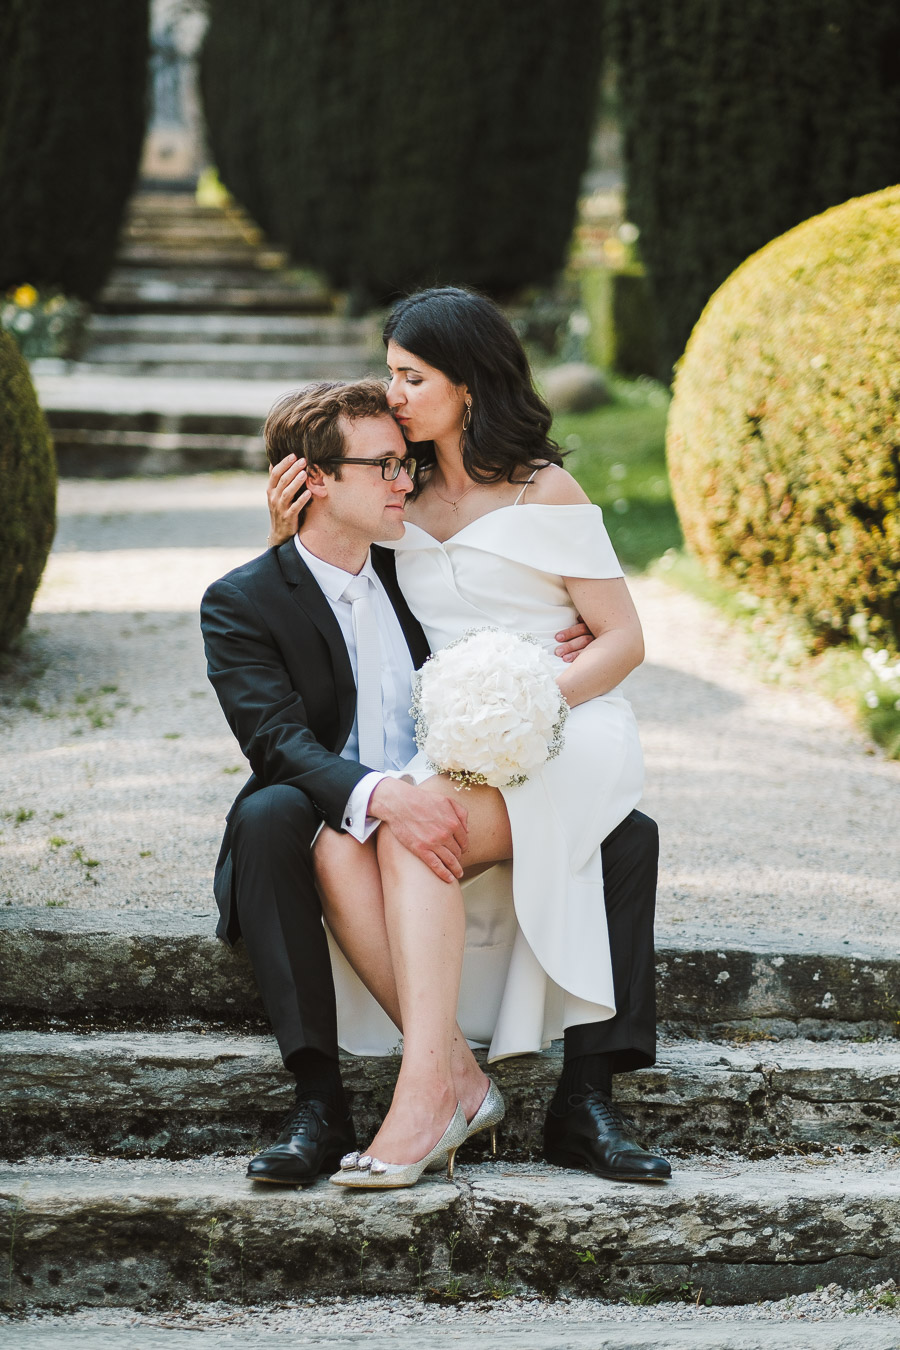 braut sitzt auf dem schoss von bräutigam beim hochzeitsshooting in kronberg